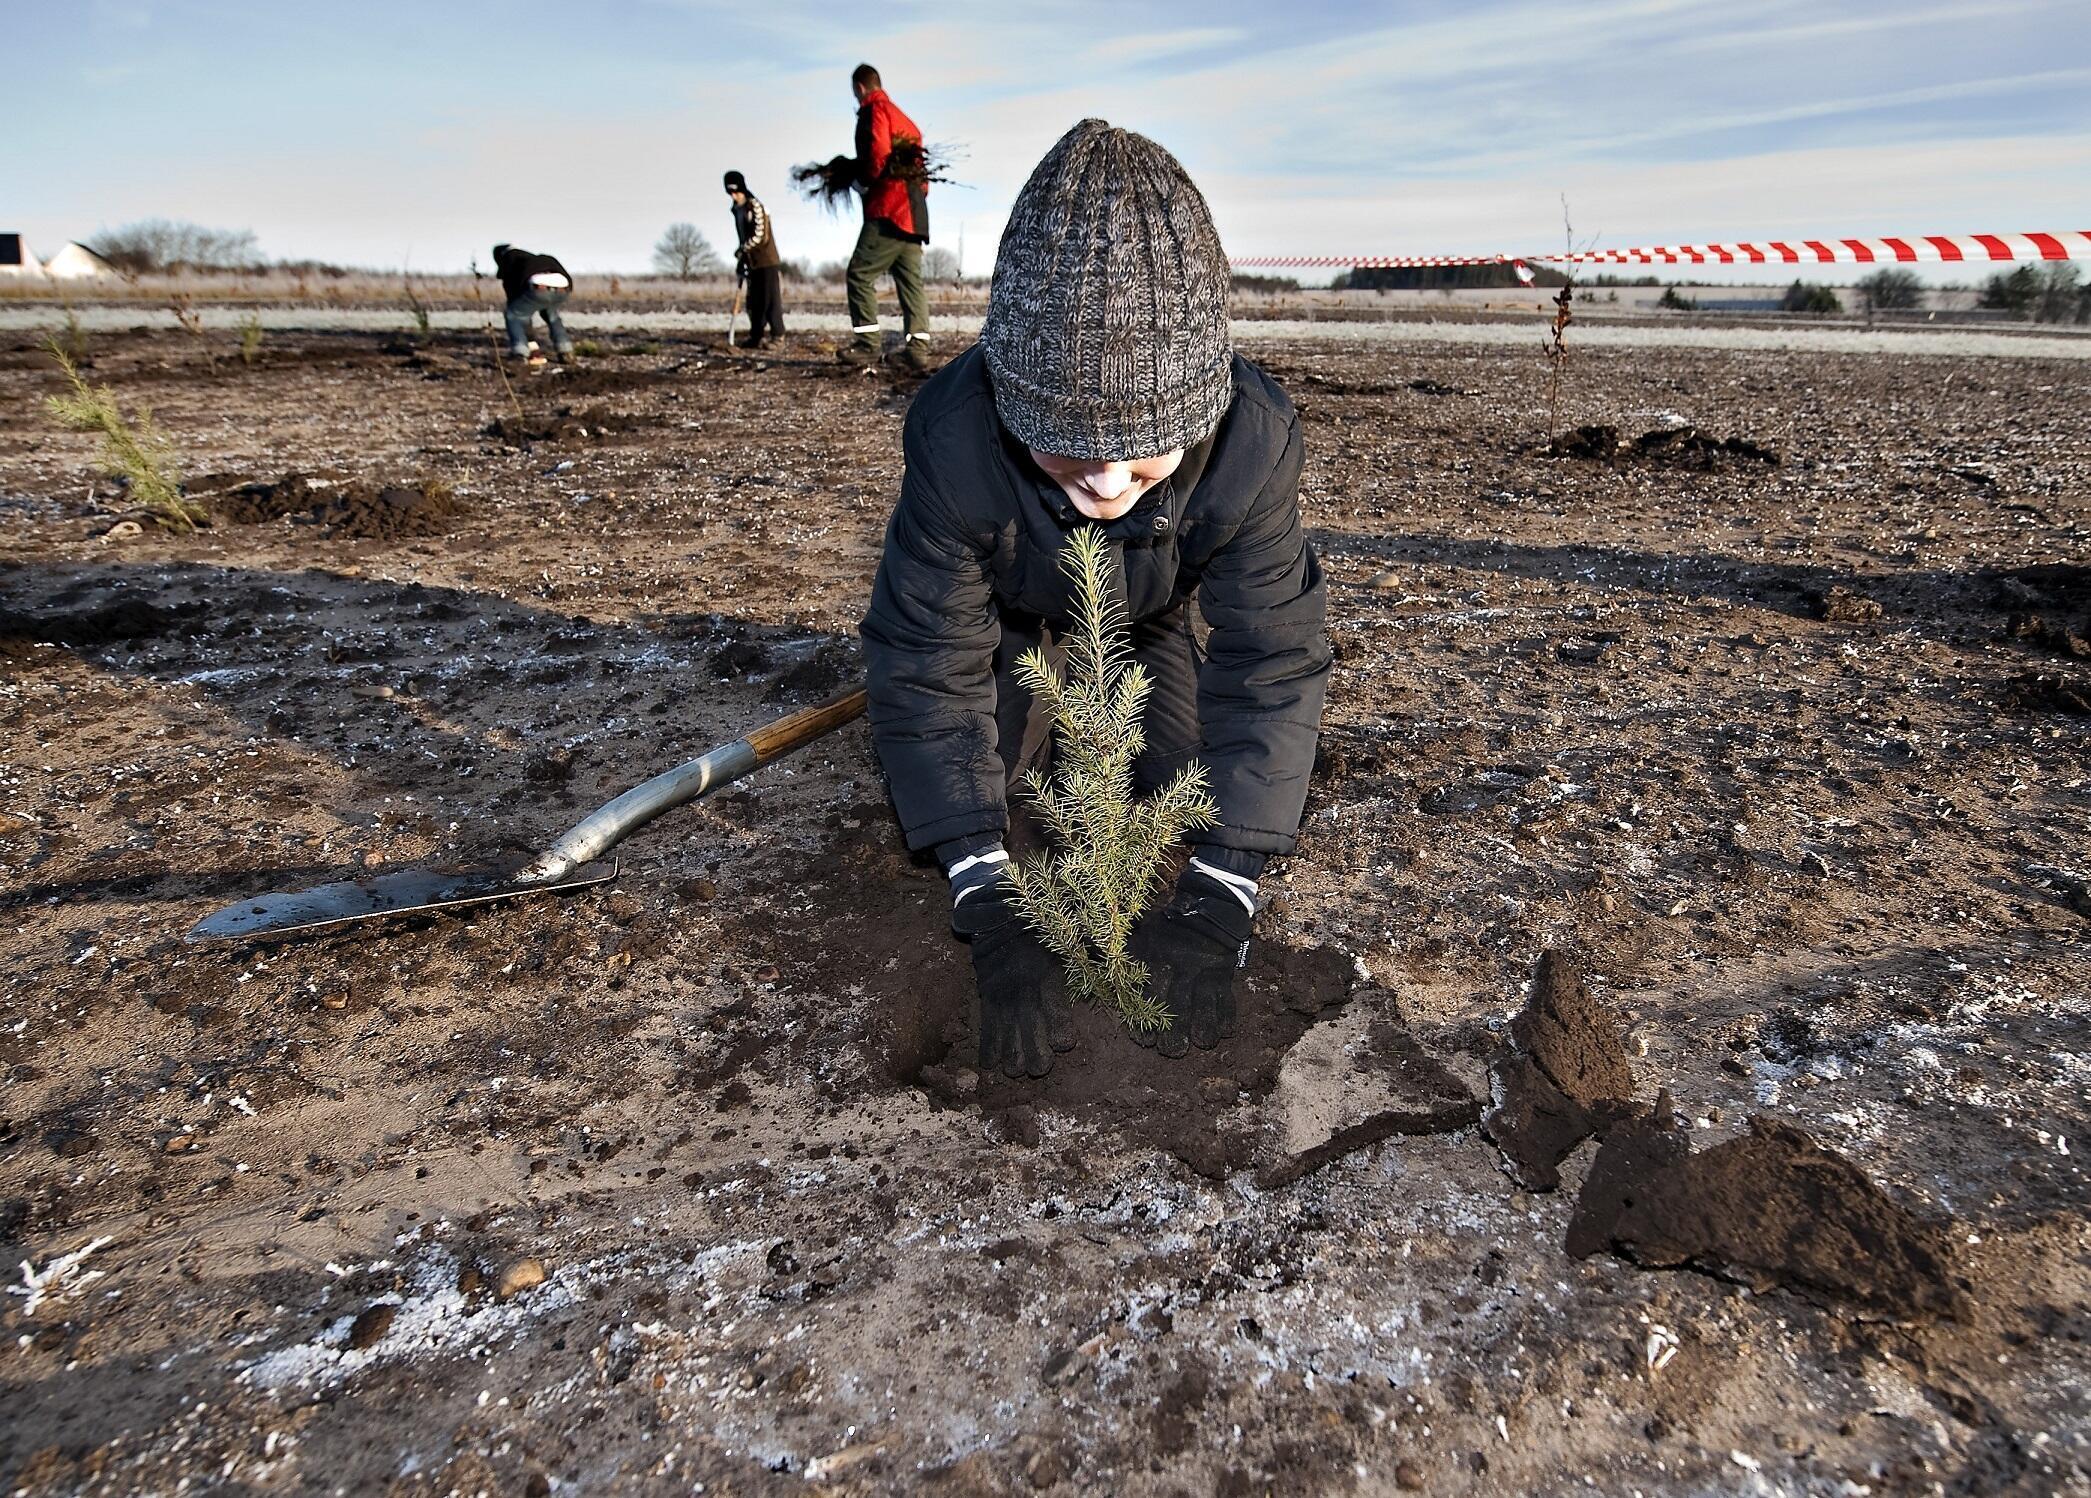 Uma criança planta uma árvore no solo congelado perto de Drastrup, no oeste da Dinamarca. (Foto ilustrativa de dezembro de 2009)